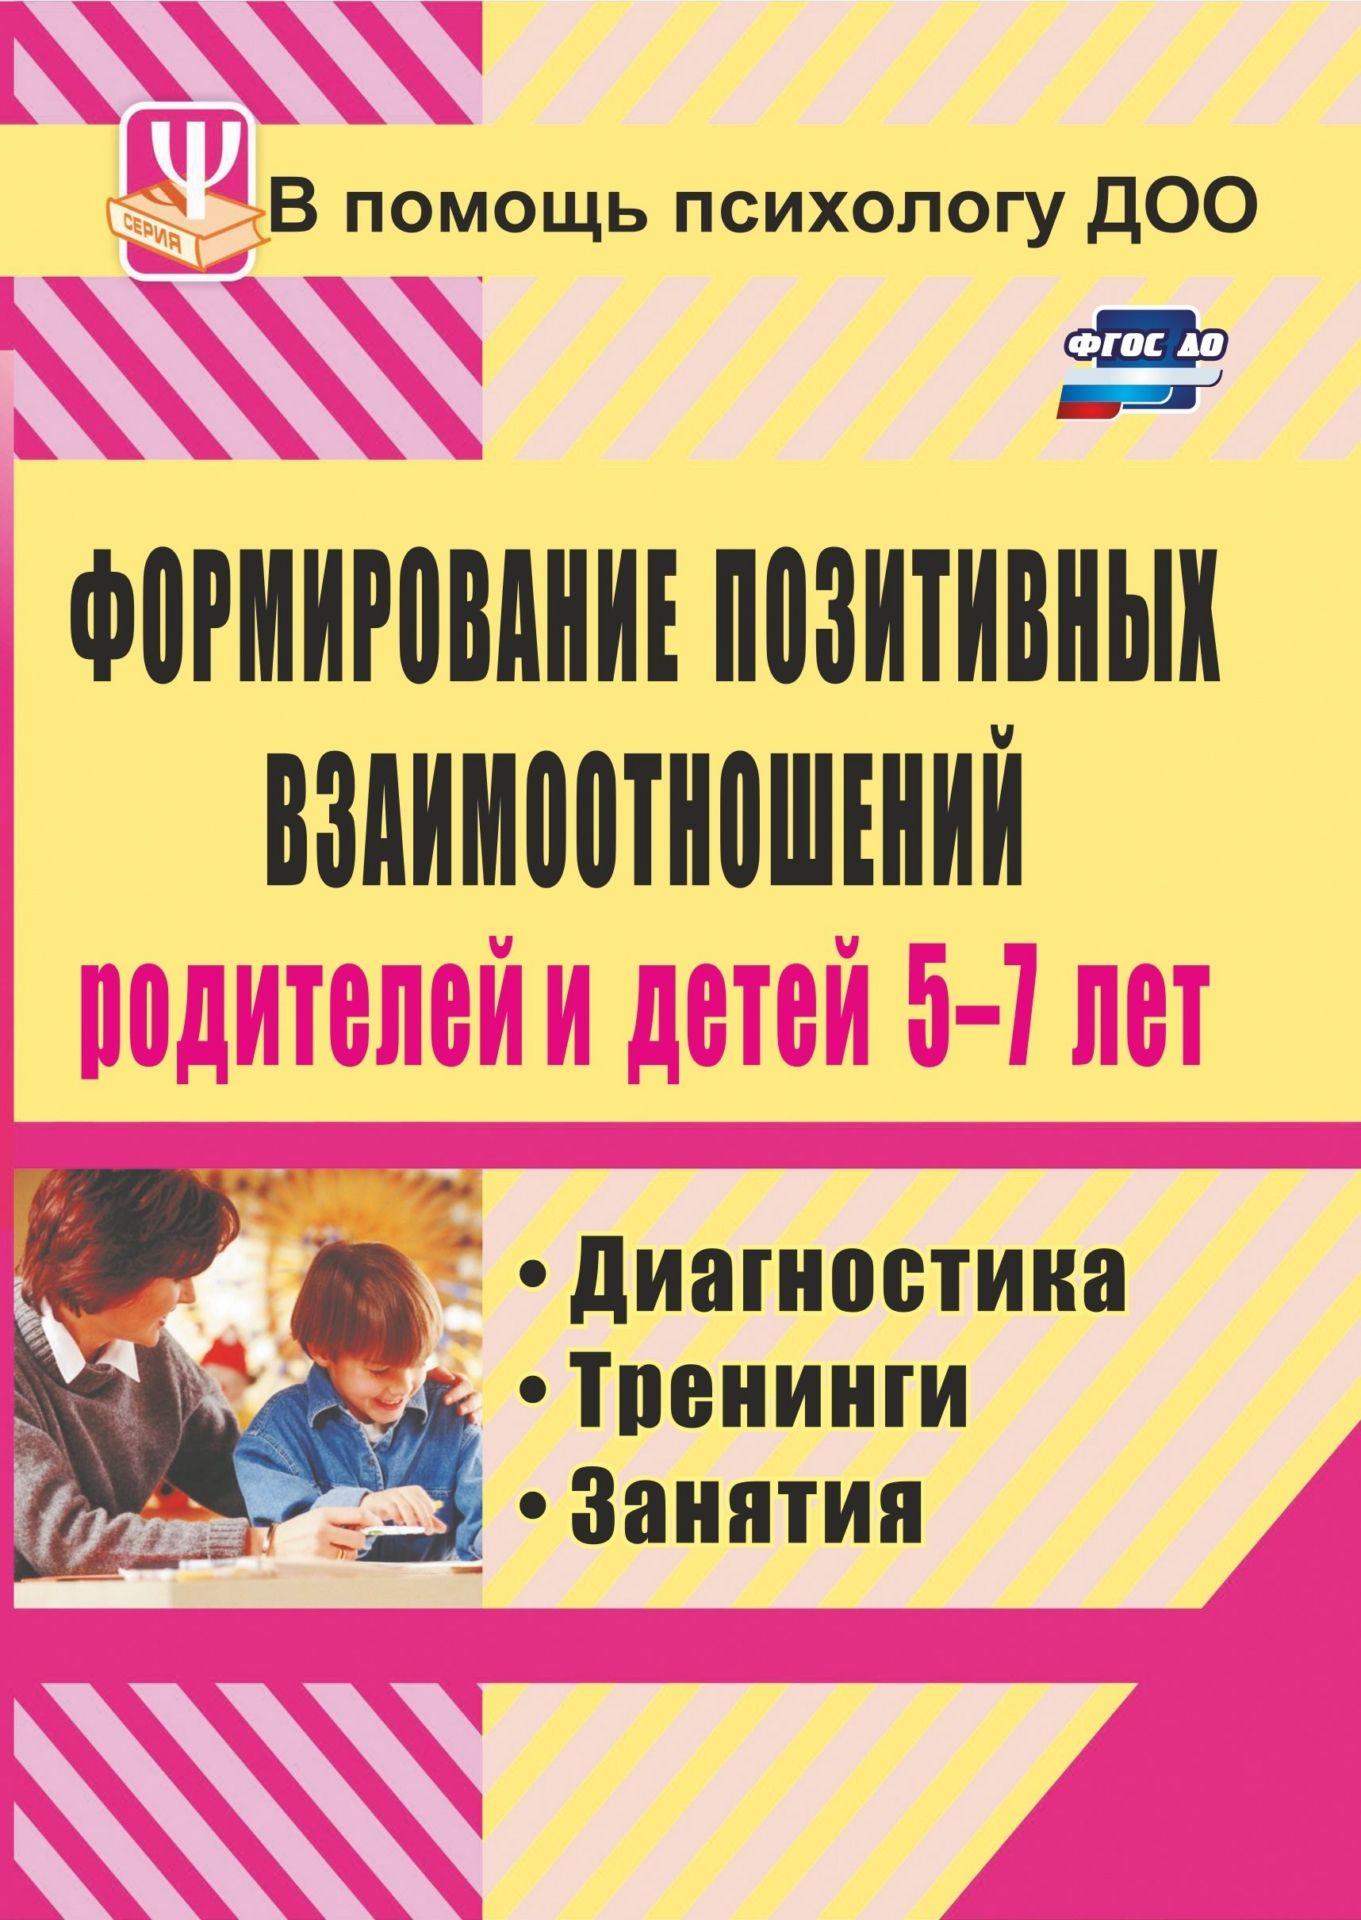 Формирование позитивных взаимоотношений родителей и детей 5-7 лет: диагностика, тренинги, занятияРабота с родителями<br>Родителям, как и детям, необходимо овладеть навыками, которые способствовали бы развитию позитивных взаимоотношений.Предлагаемые коррекционно-развивающие занятия и тренинги помогут педагогам организовать психологически комфортное взаимодействие взрослого ...<br><br>Авторы: Коробицина Е. В.<br>Год: 2008<br>Серия: В помощь психологу ДОУ<br>ISBN: 978-5-91651-005-8<br>Высота: 195<br>Ширина: 140<br>Толщина: 5<br>Переплёт: мягкая, скрепка